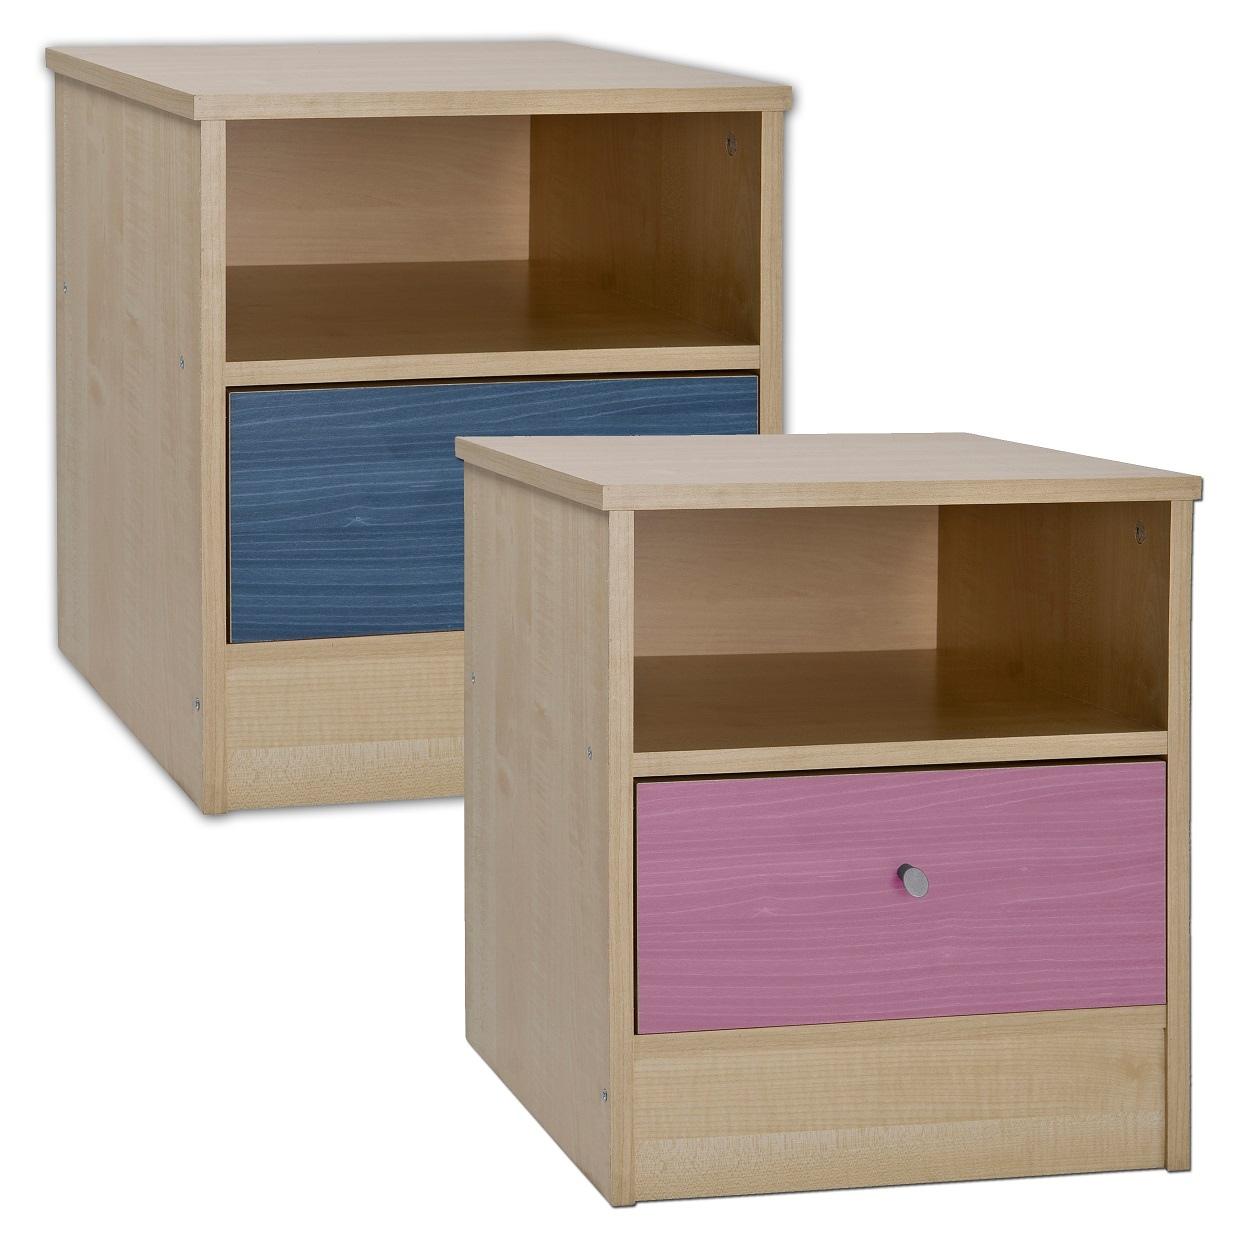 malibu childrens bedside cabinet